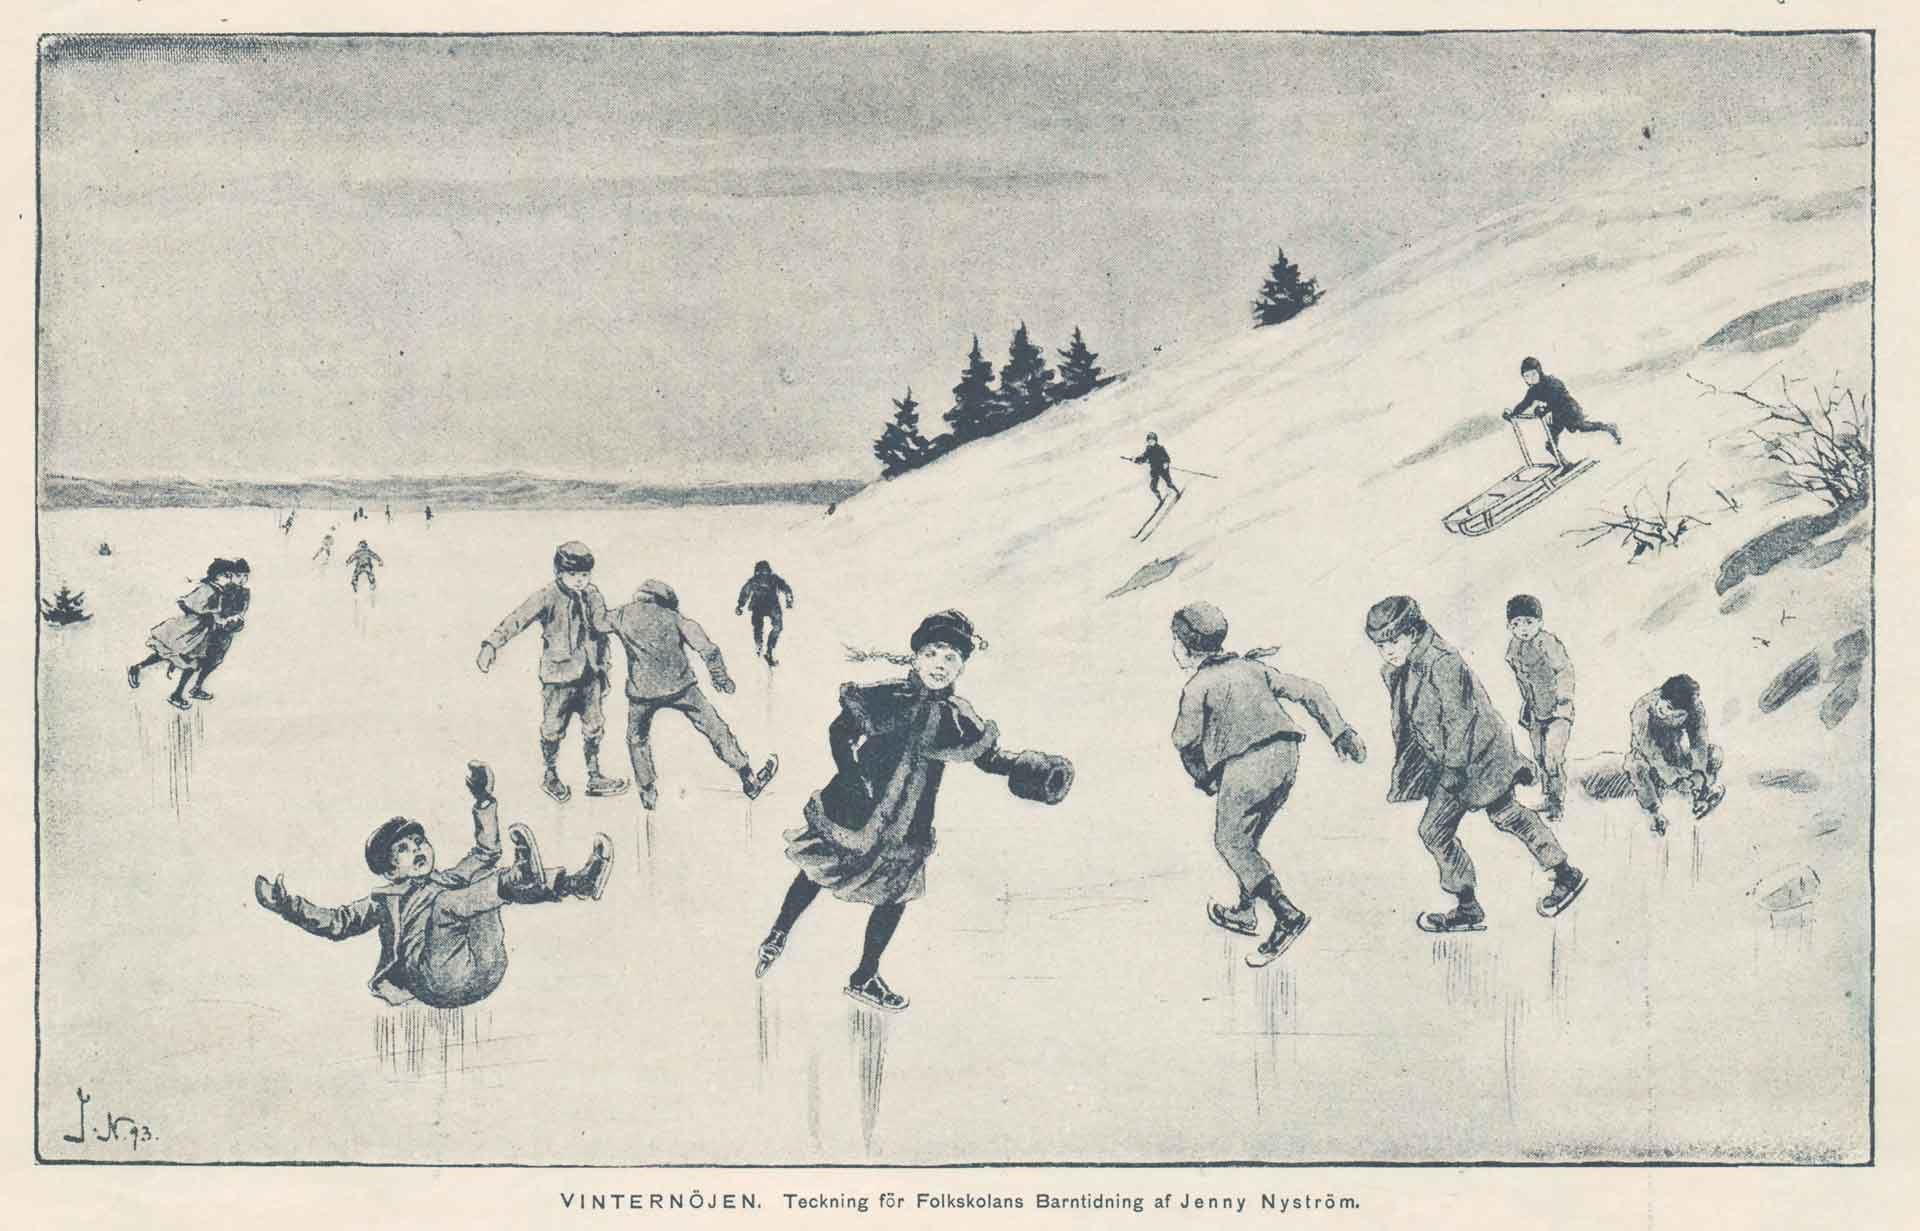 Sportlov på länsmuseet